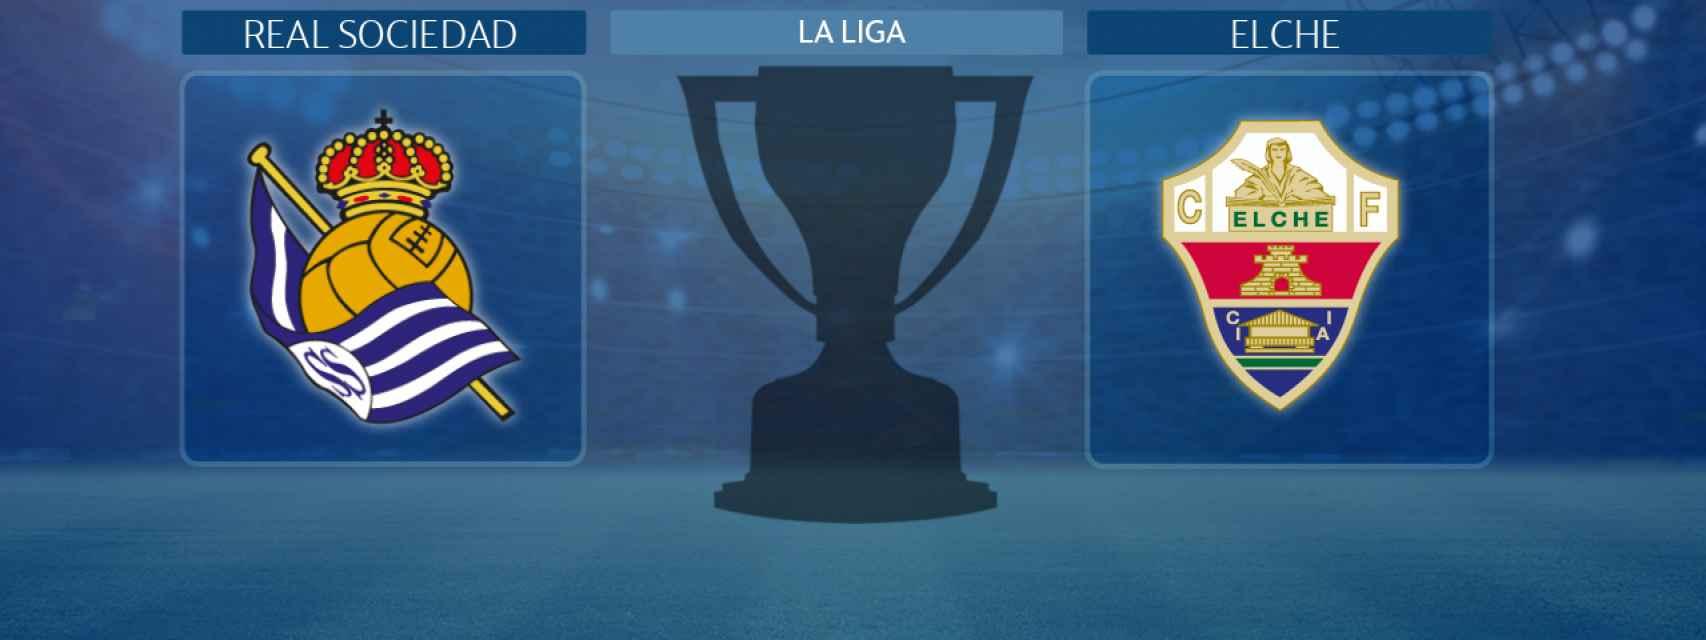 Real Sociedad - Elche, partido de la La Liga